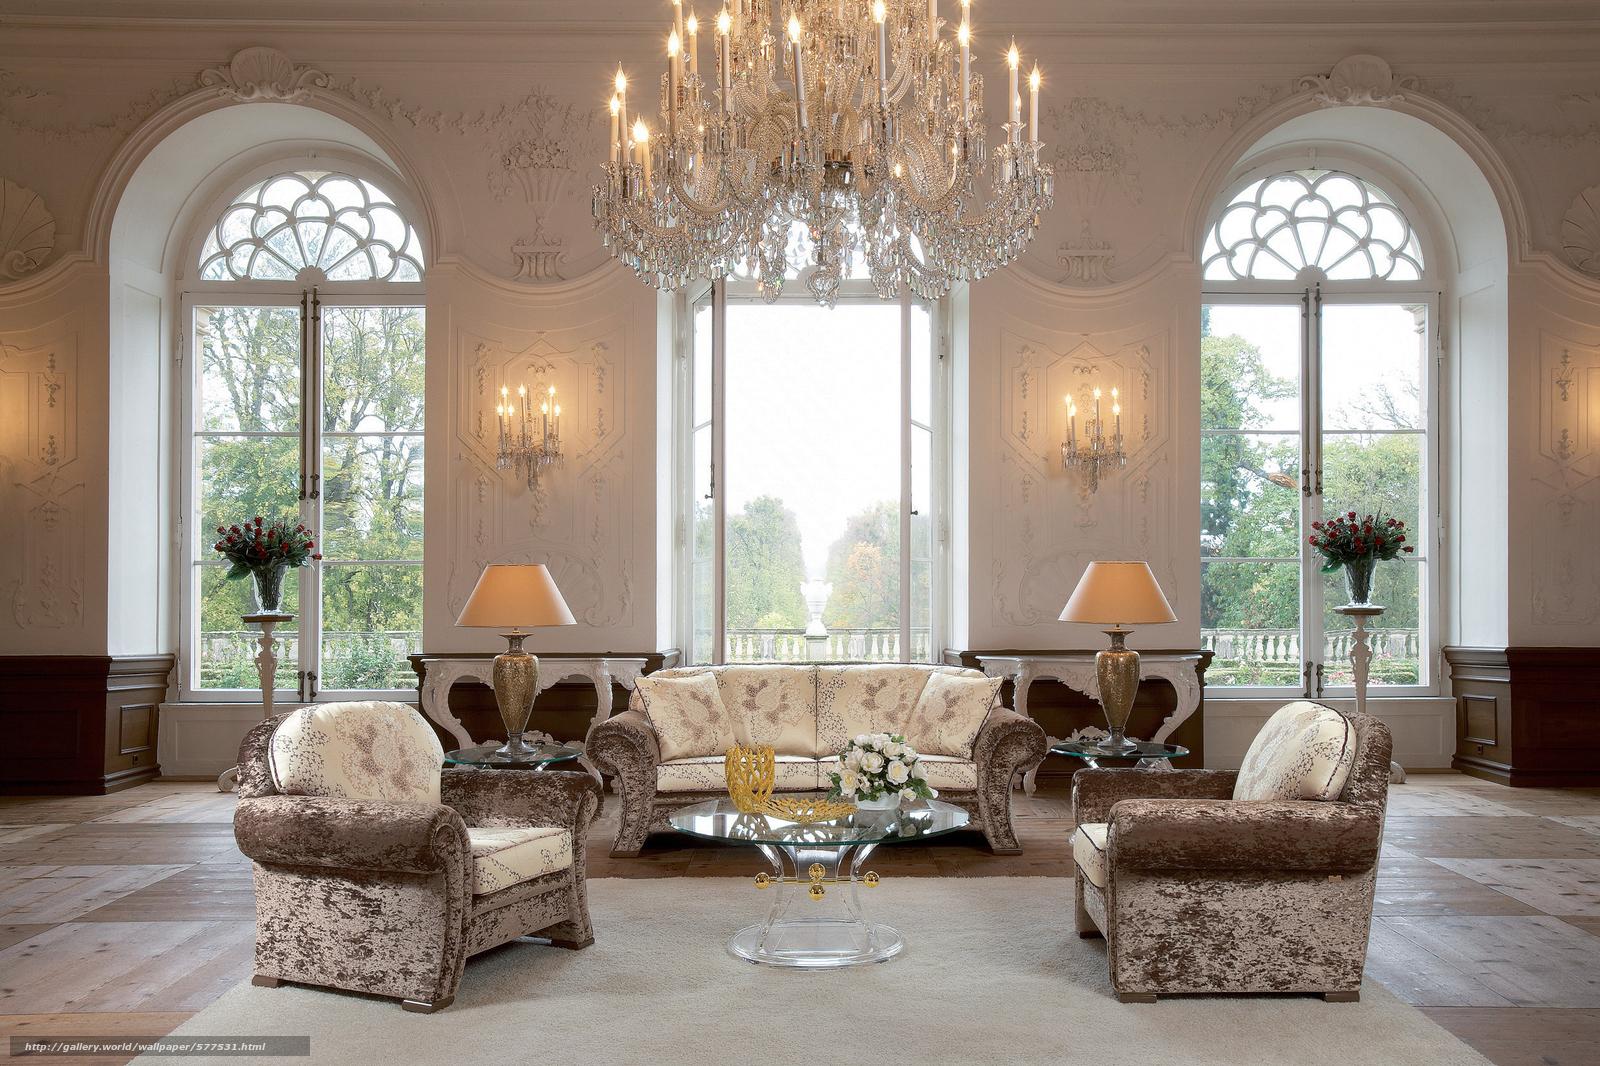 下载壁纸 设计,  表,  椅子,  沙发 免费为您的桌面分辨率的壁纸 2480x1653 — 图片 №577531